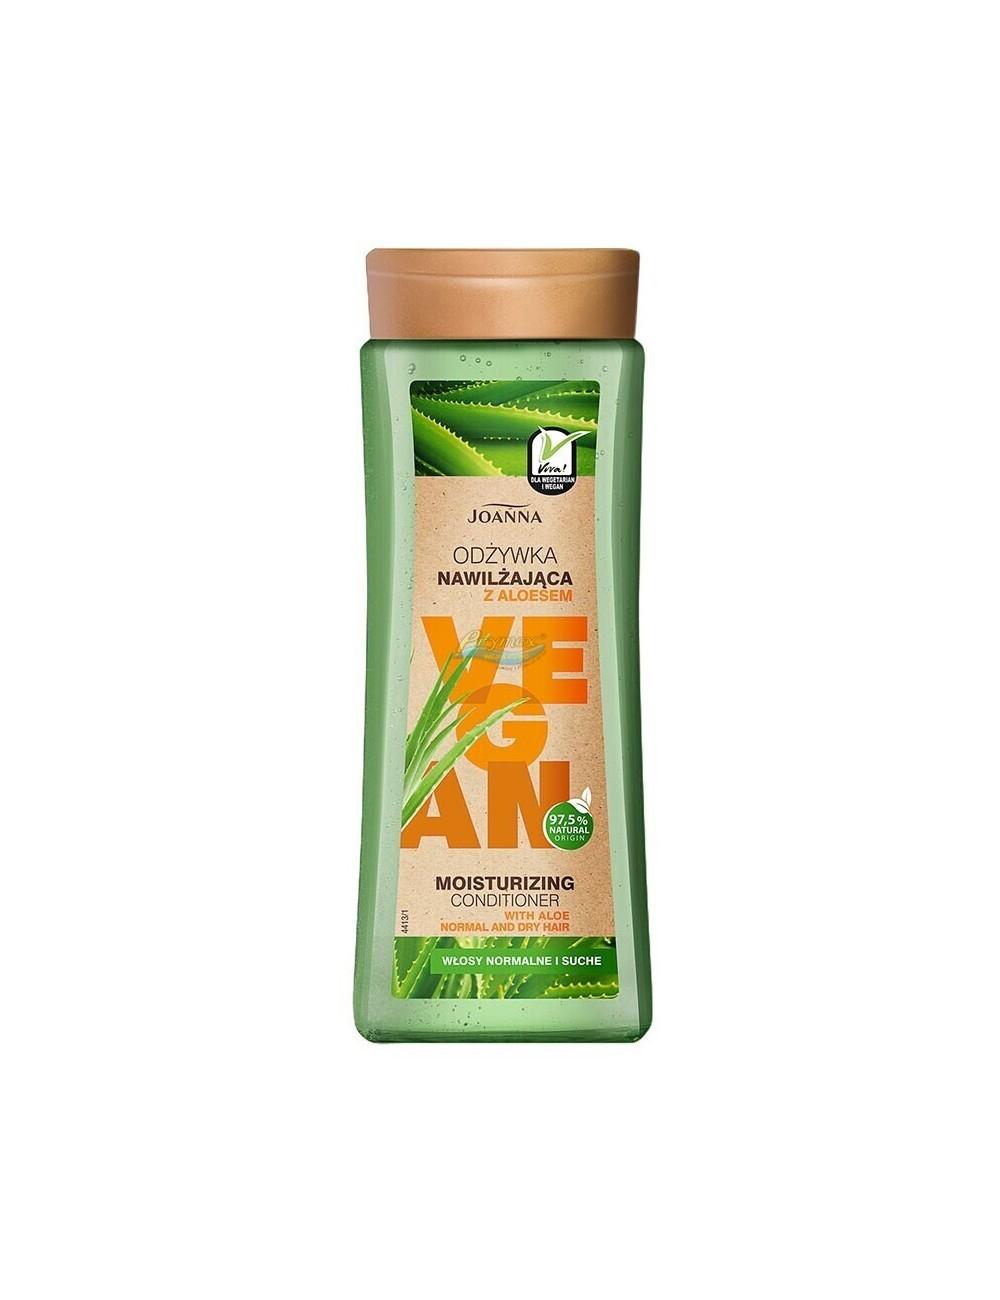 Joanna Vegan Odżywka do Włosów Nawilżająca z Aloesem 300 g